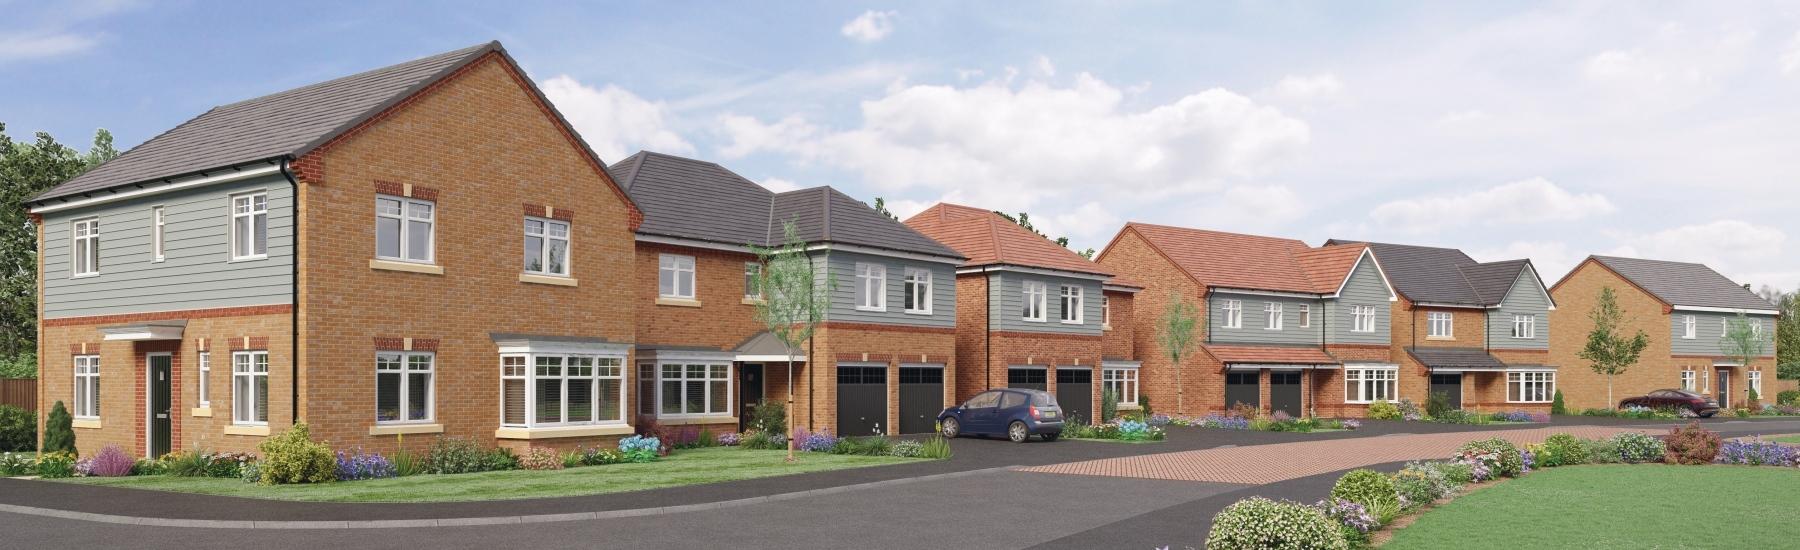 2f40ff73366 New build homes Darlington